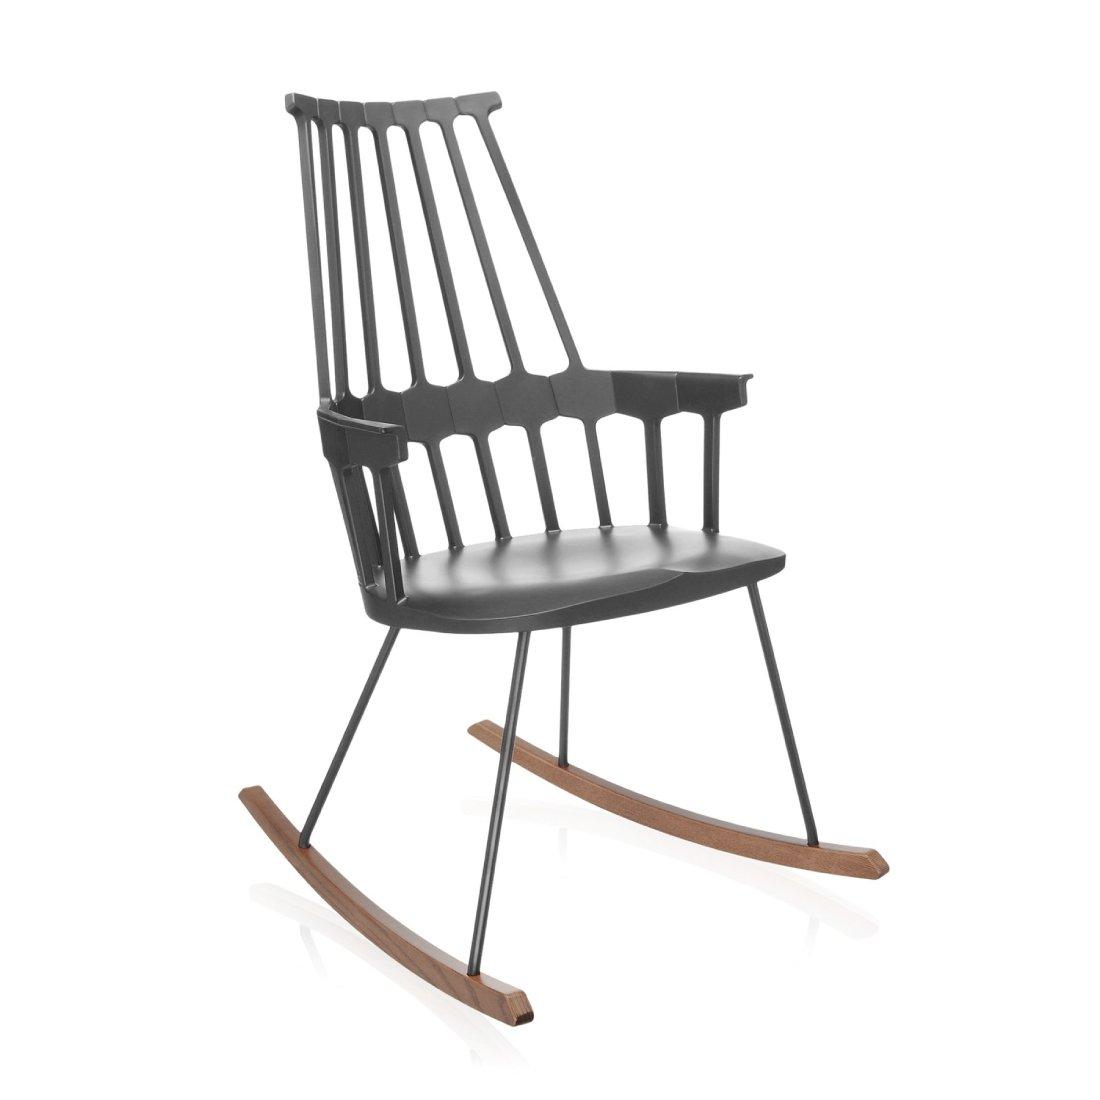 Comback Chair Schommelstoel Kartell